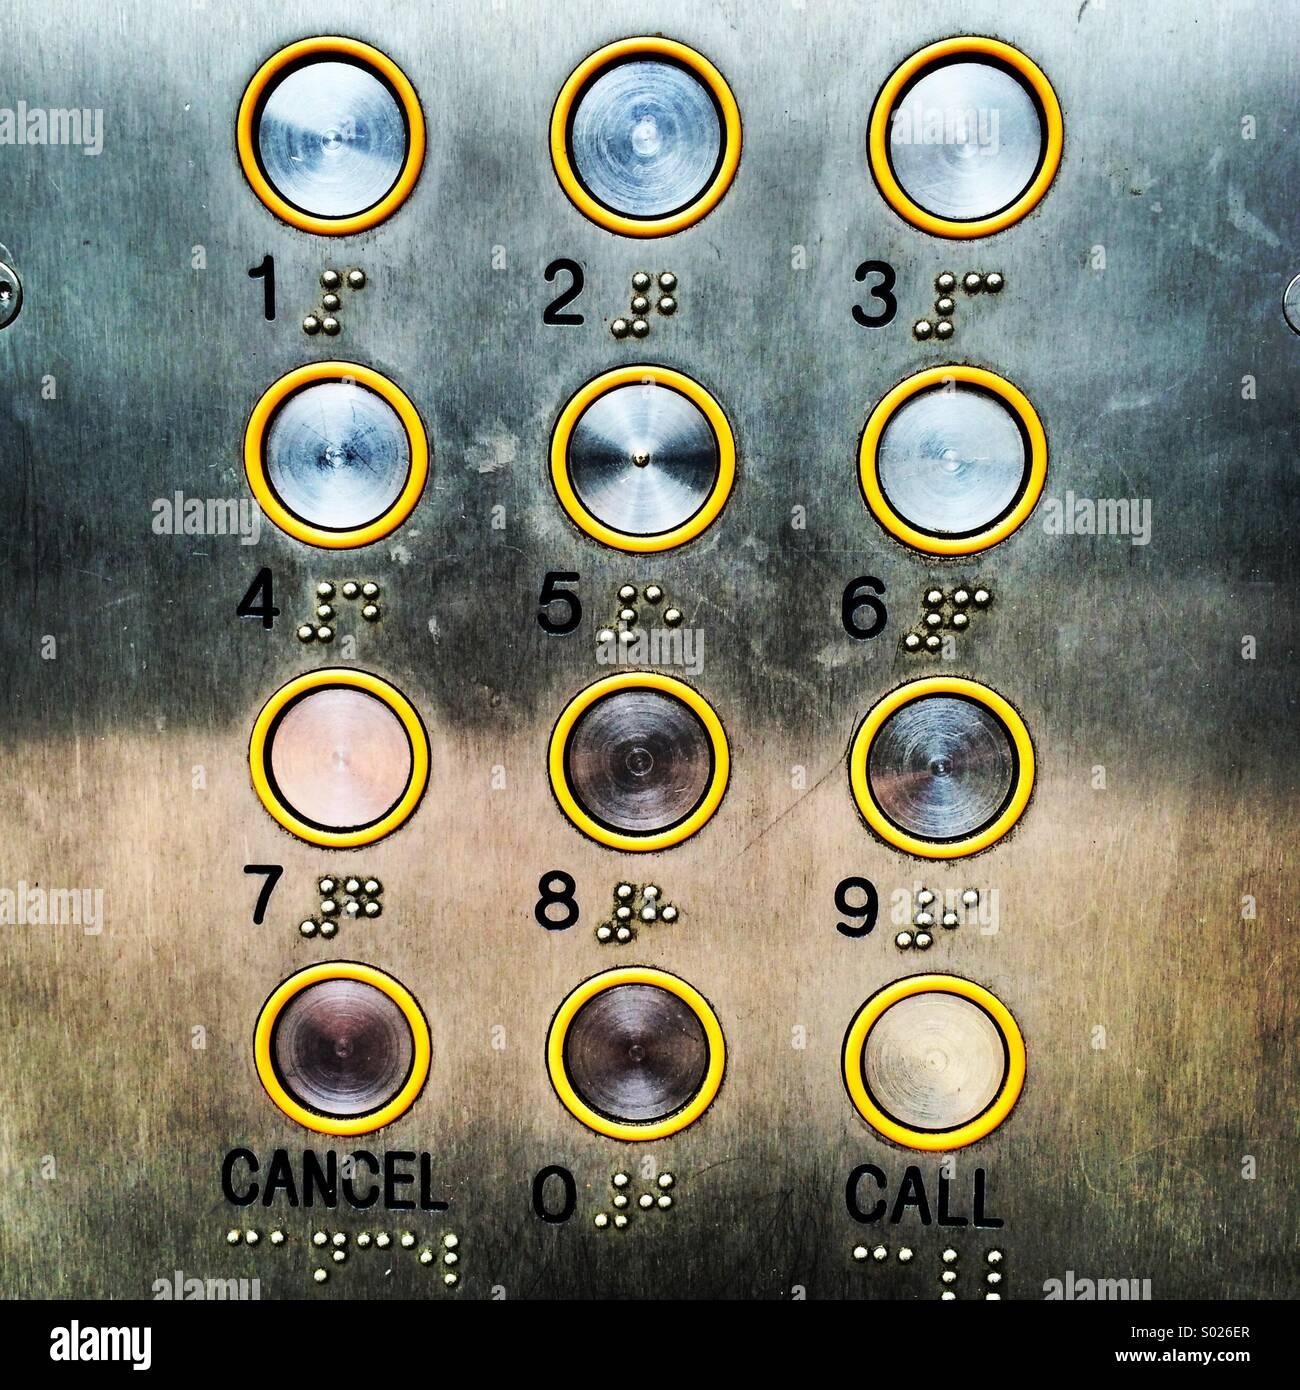 Eingang-Code Buttons für eine Sicherheitstür. Stockbild